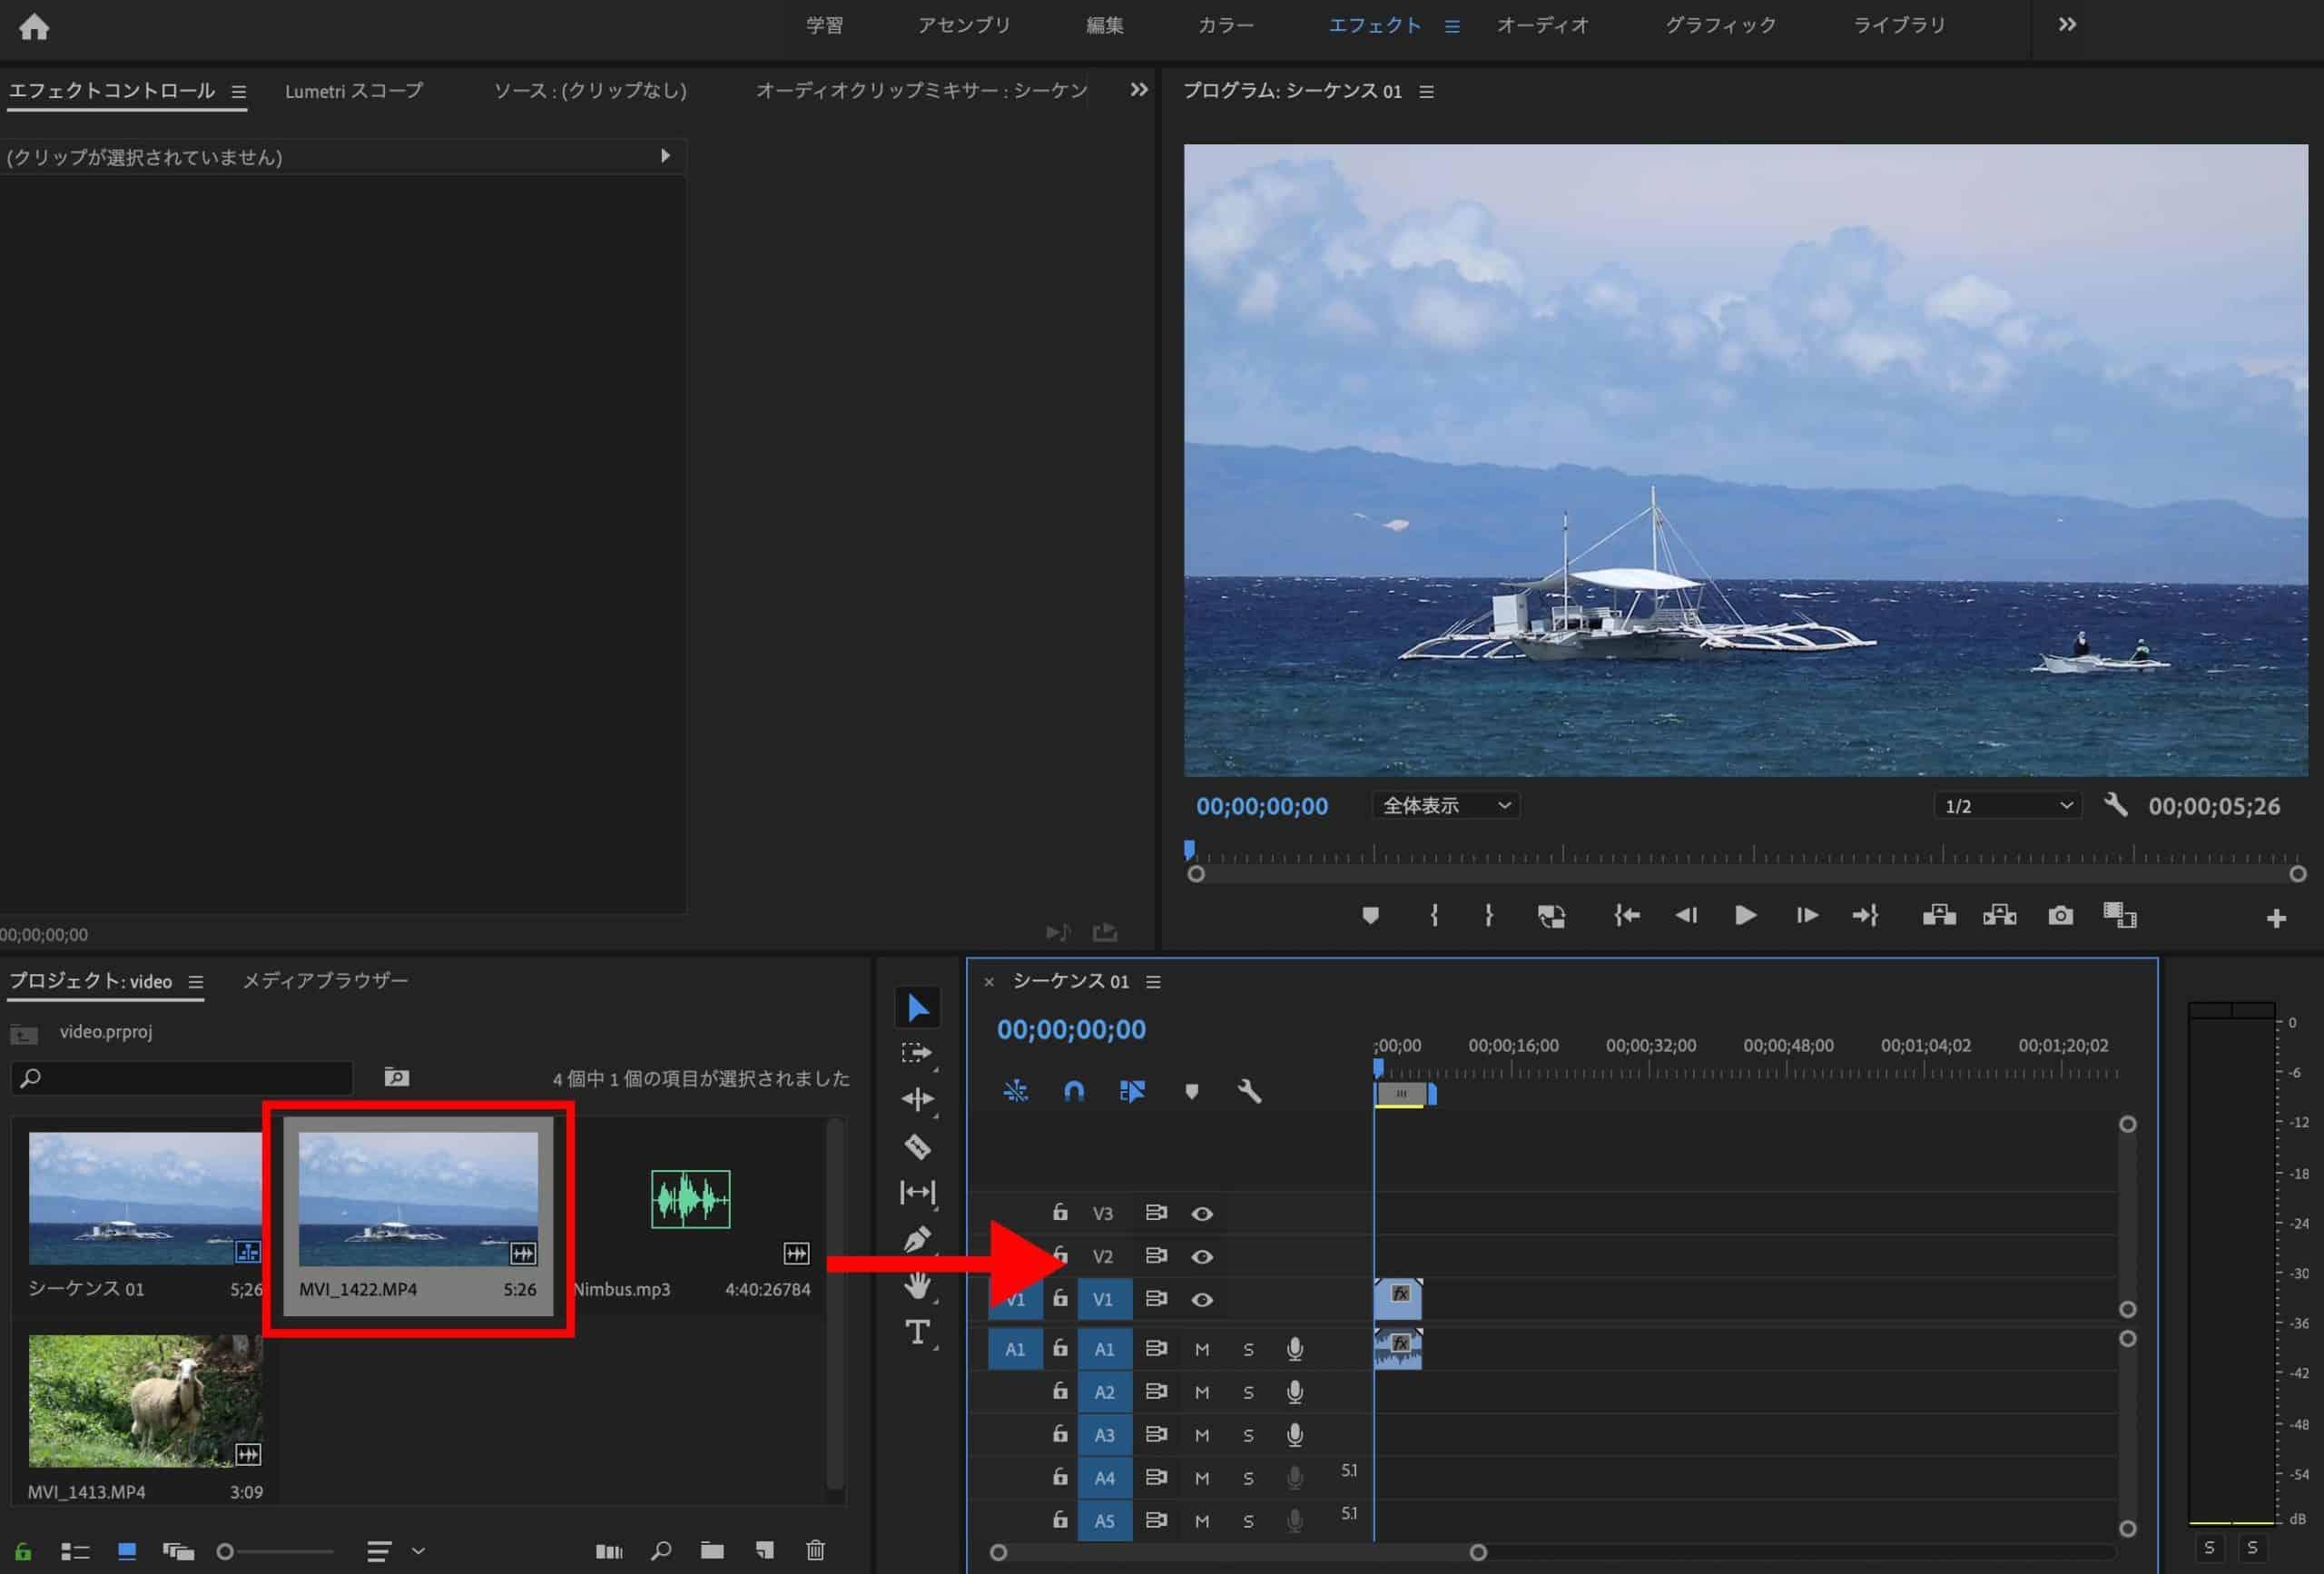 1.プロジェクトウインドウから最初に入れたい動画要素を選択し、そのままシーケンスウインドウの「V1」にドラッグして配置する